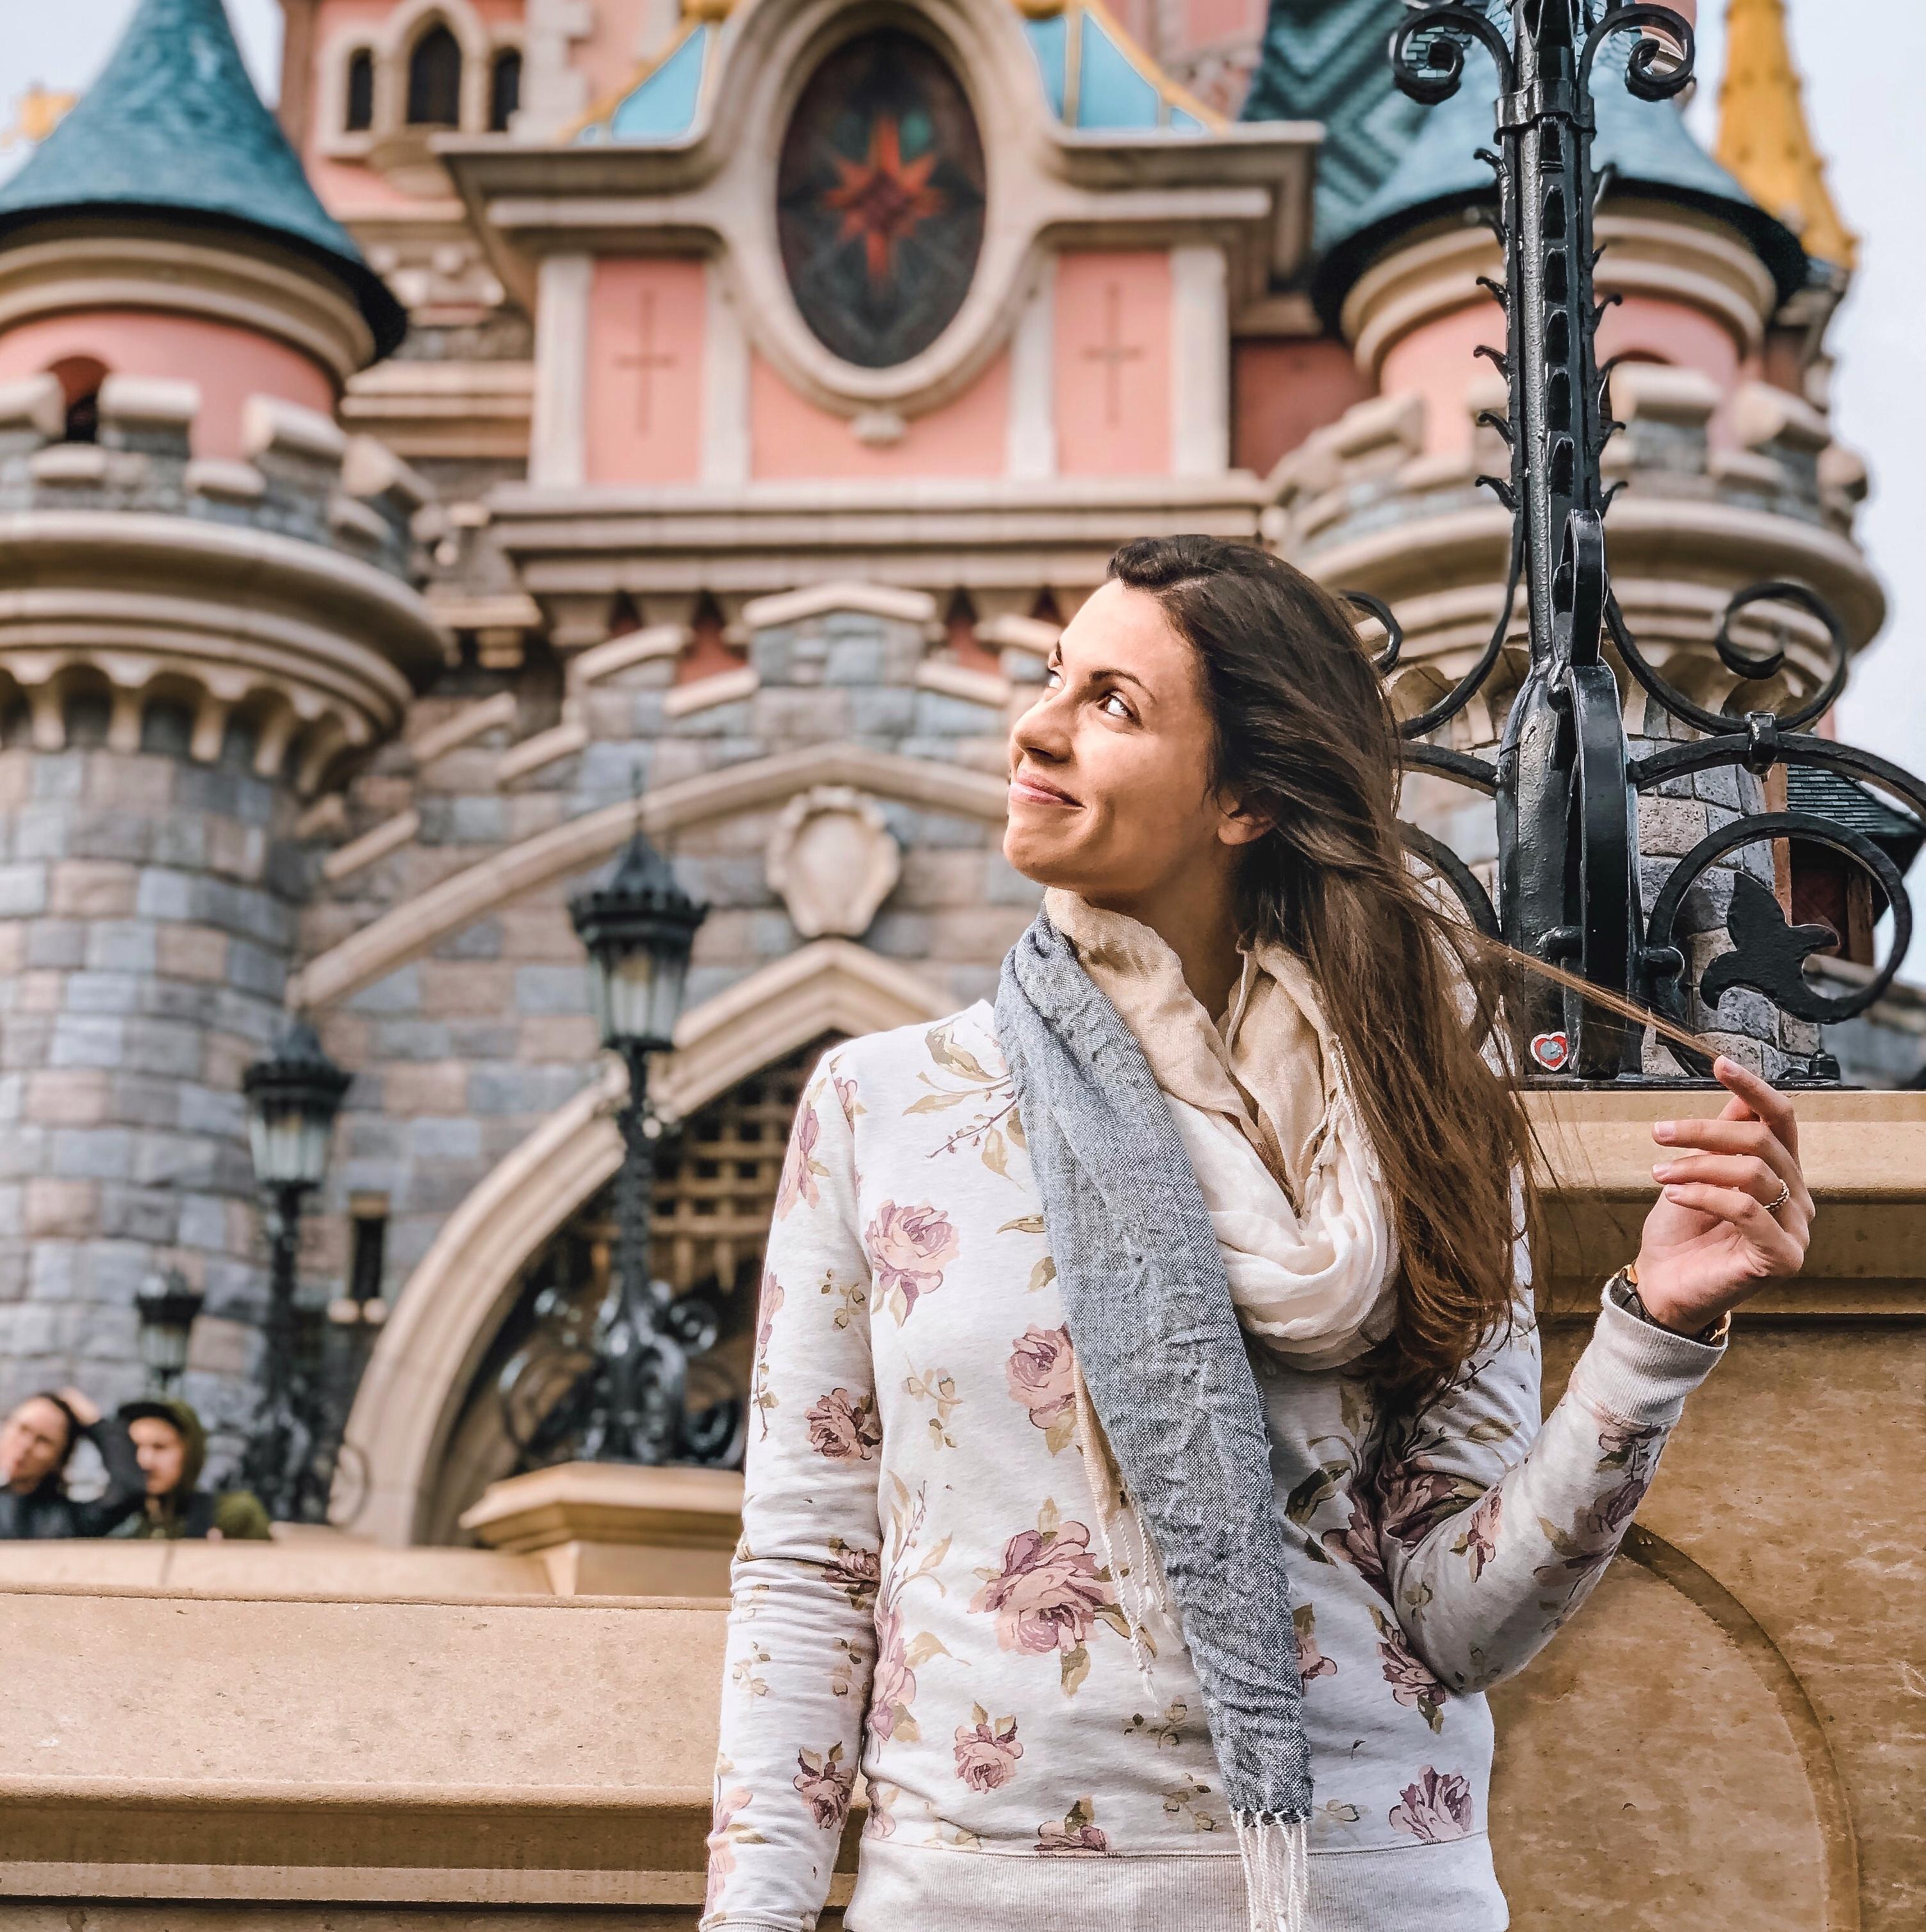 Spinatmädchen - Der Disney Blog: Reise nach Disneyland Paris